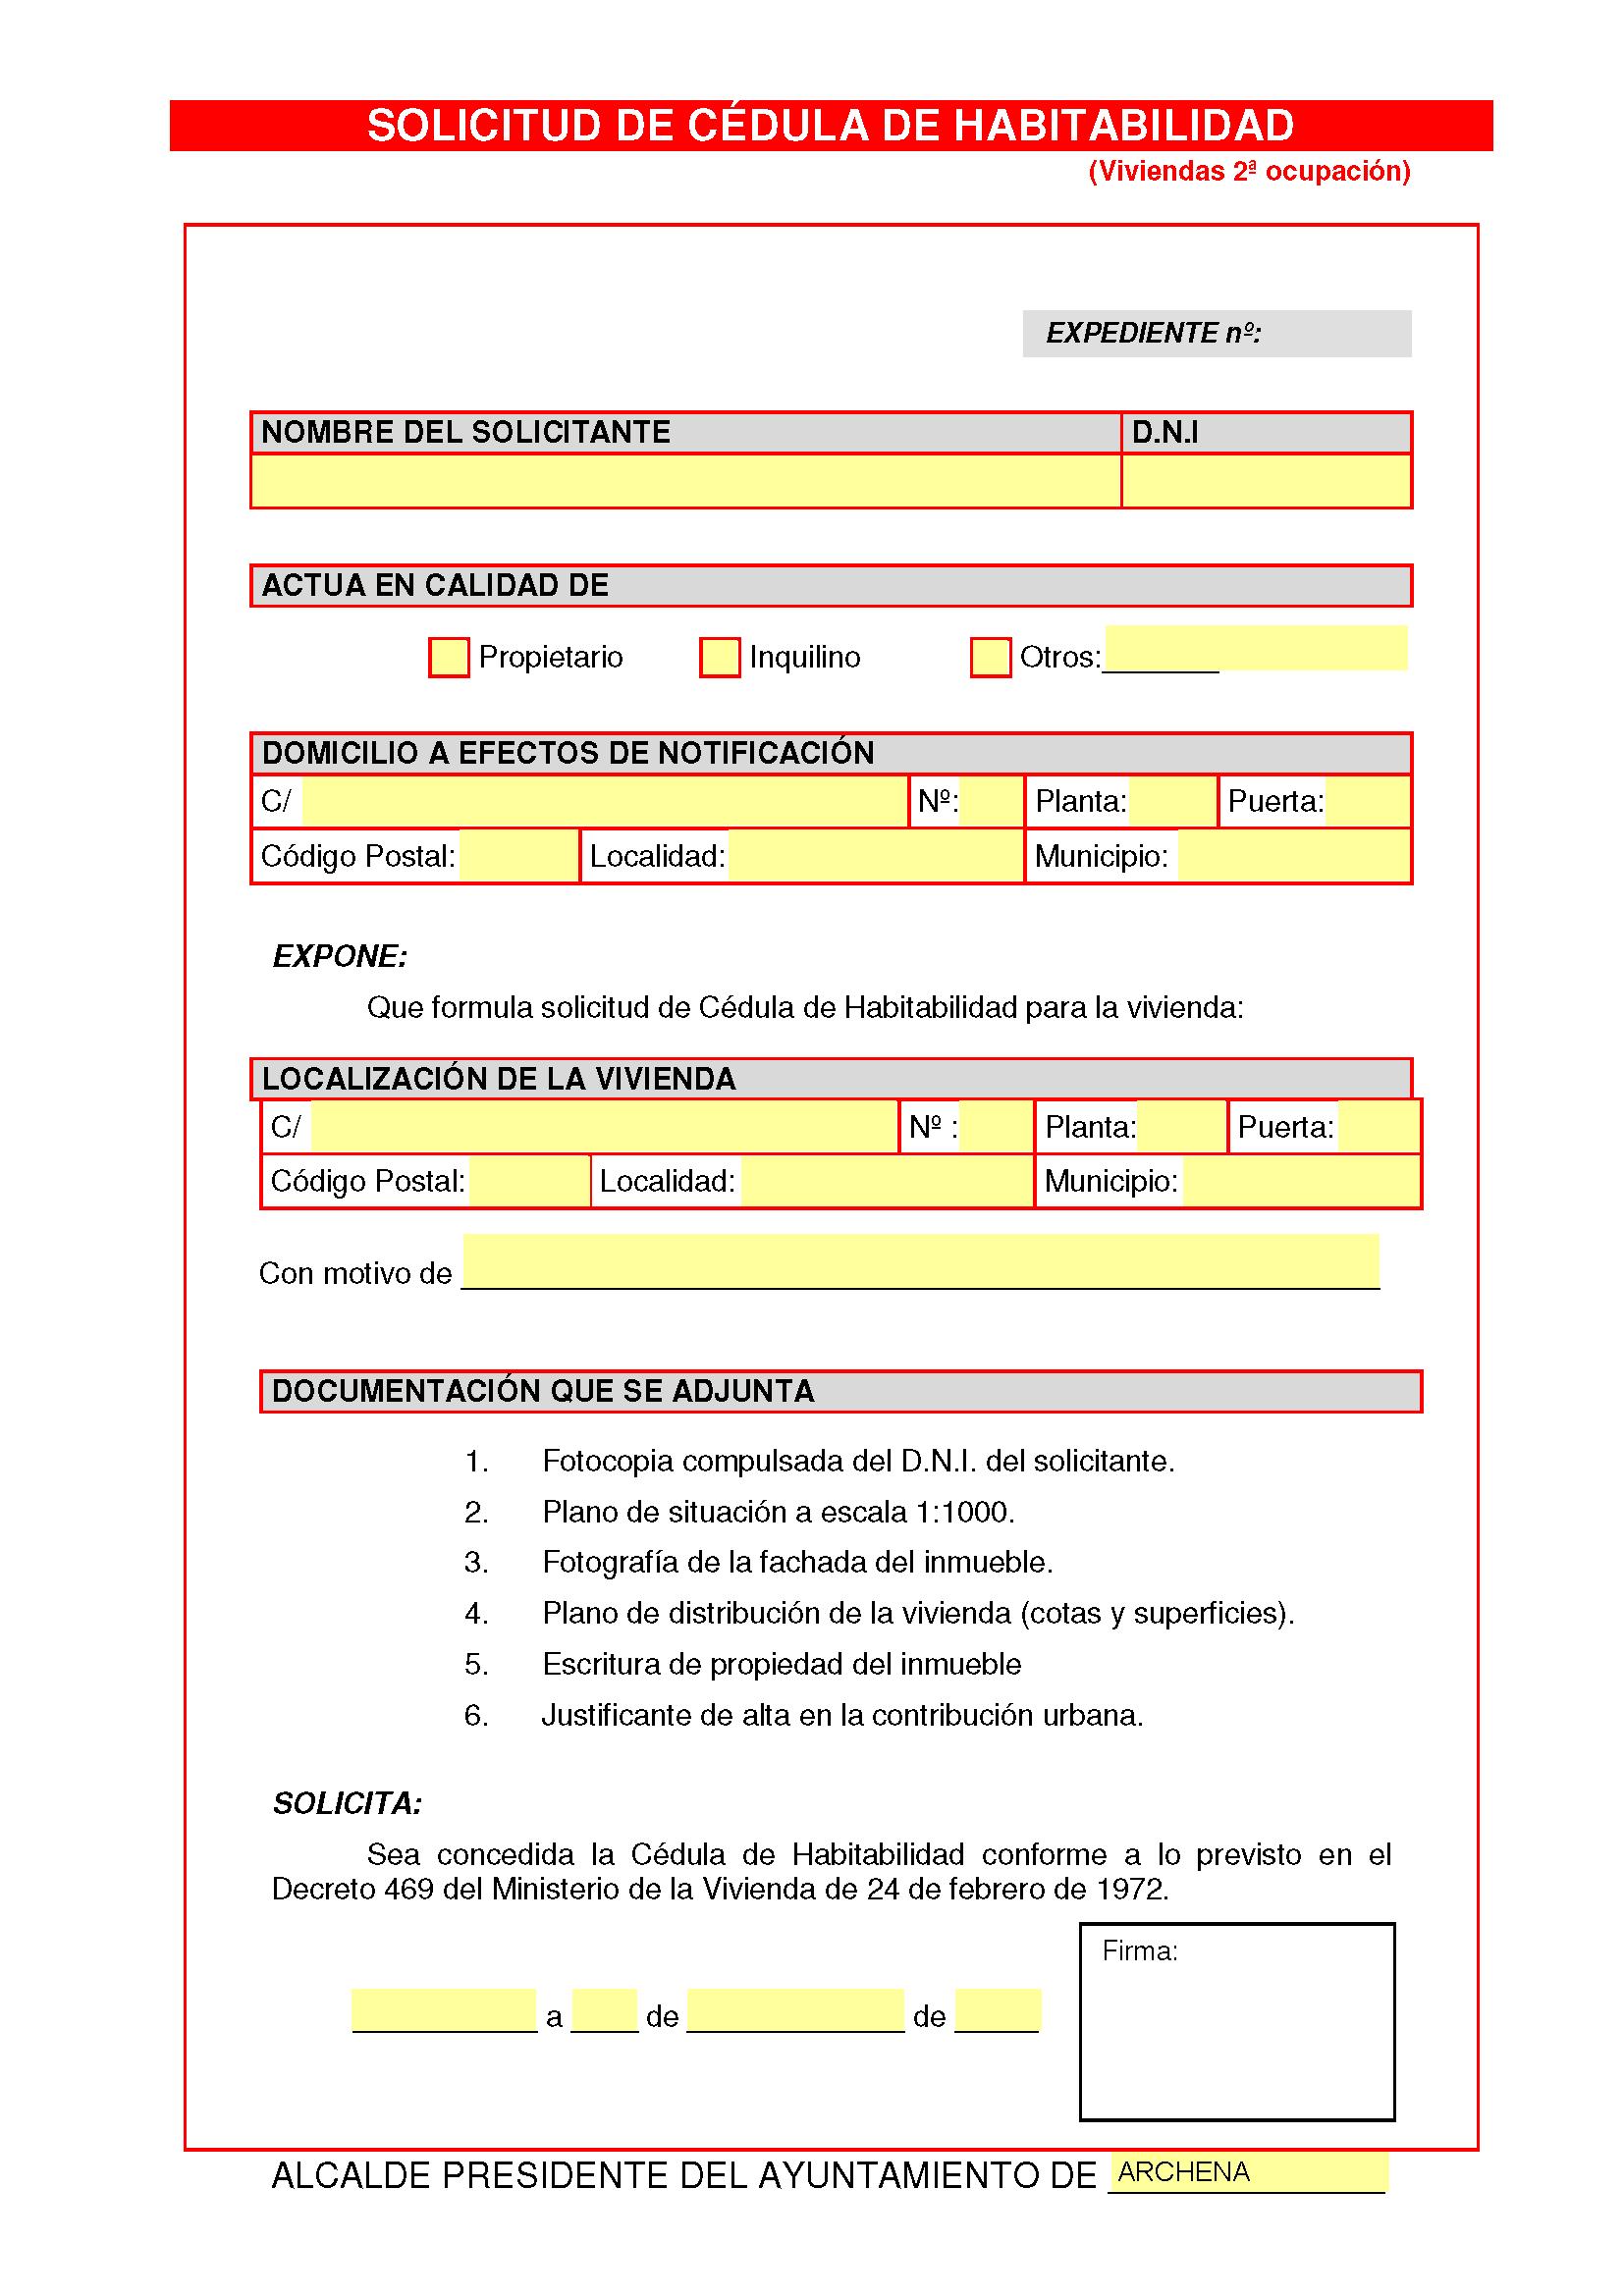 Impreso Declaración Responsable Segunda Ocupacion Archena 1